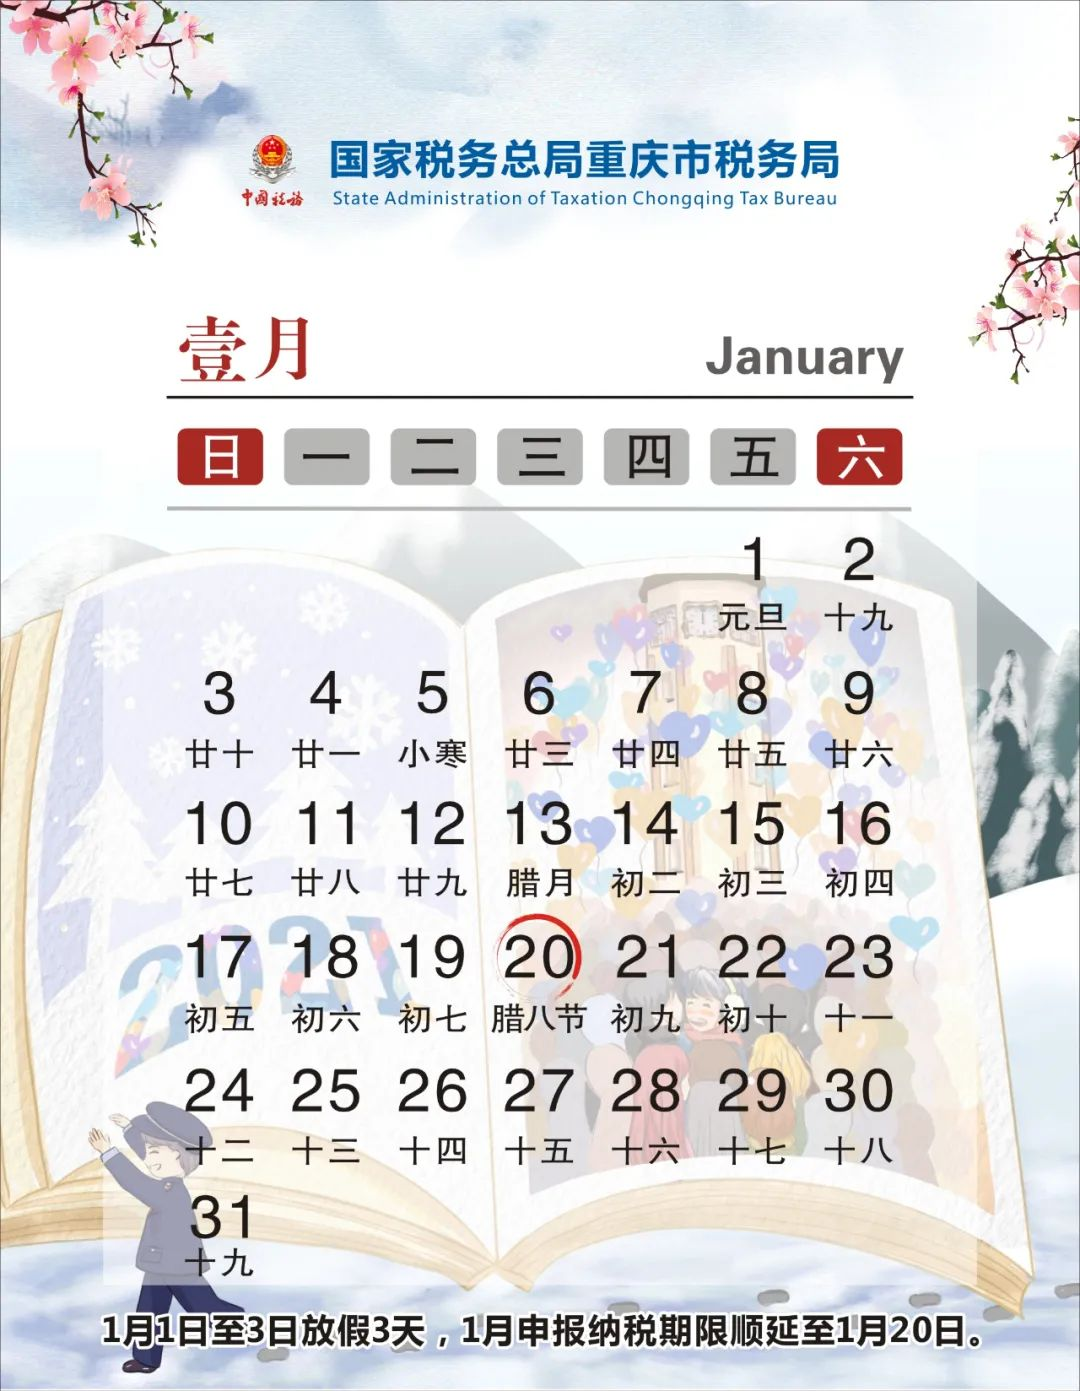 2021年纳税申报日期日历出来了,2021年申报日历大全每一张都值得自己惠存!